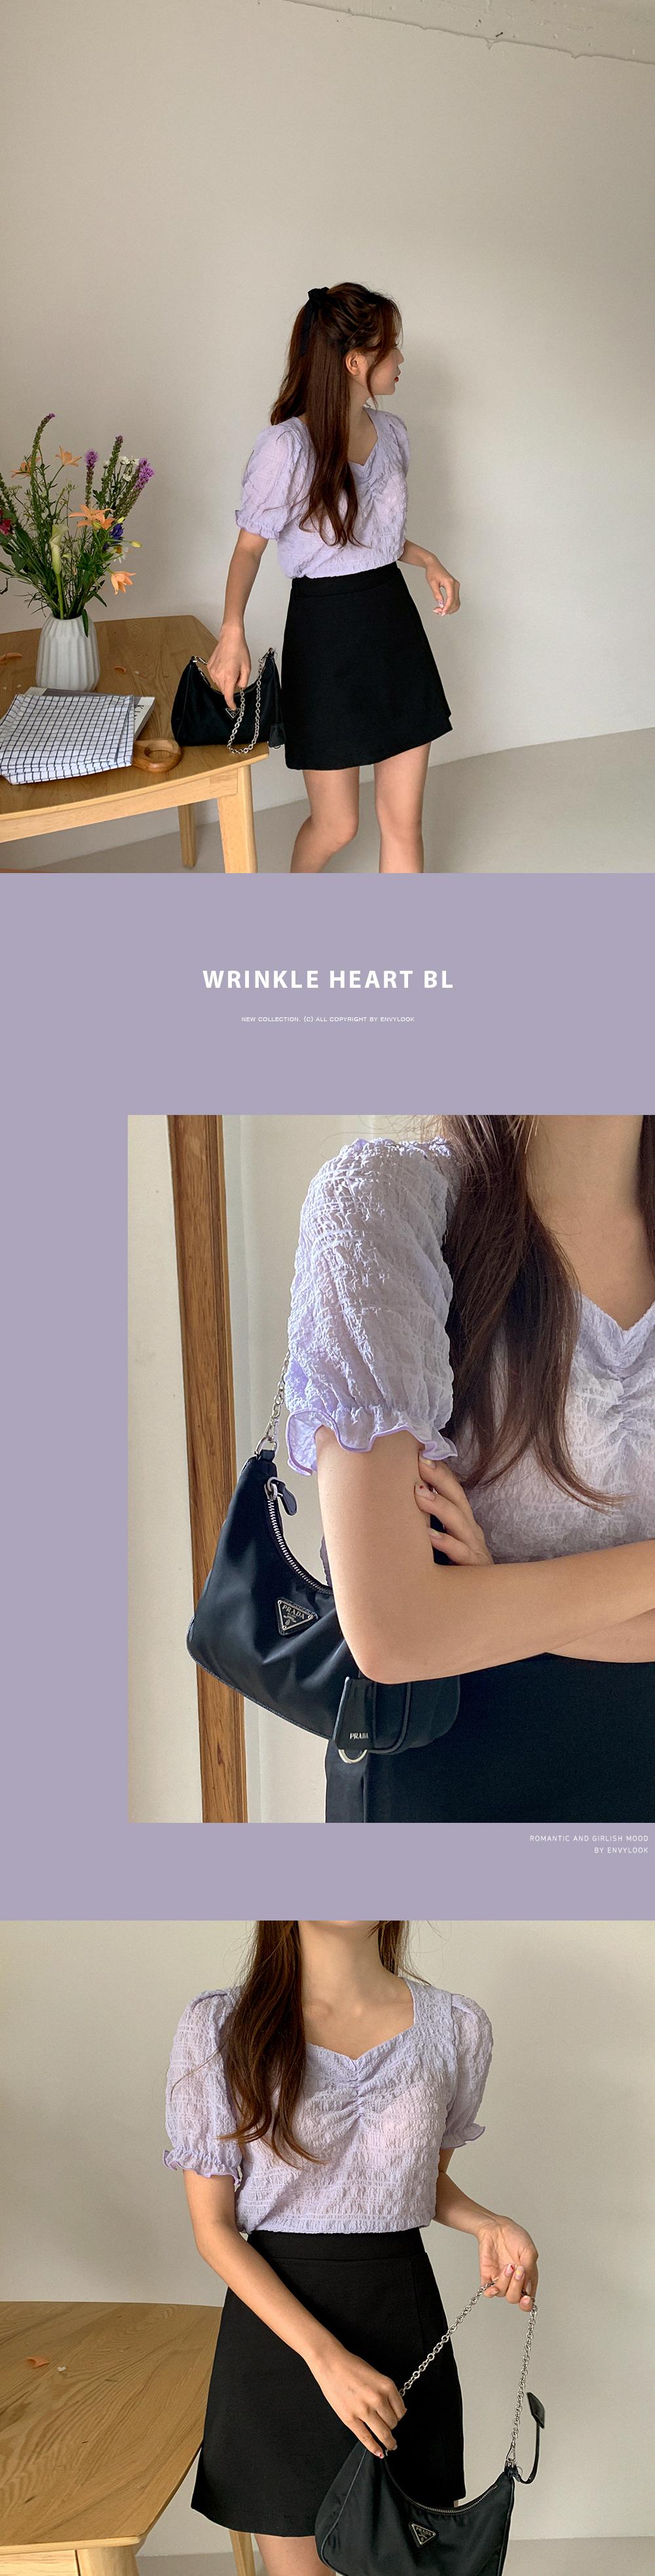 wrinkled heart blouse